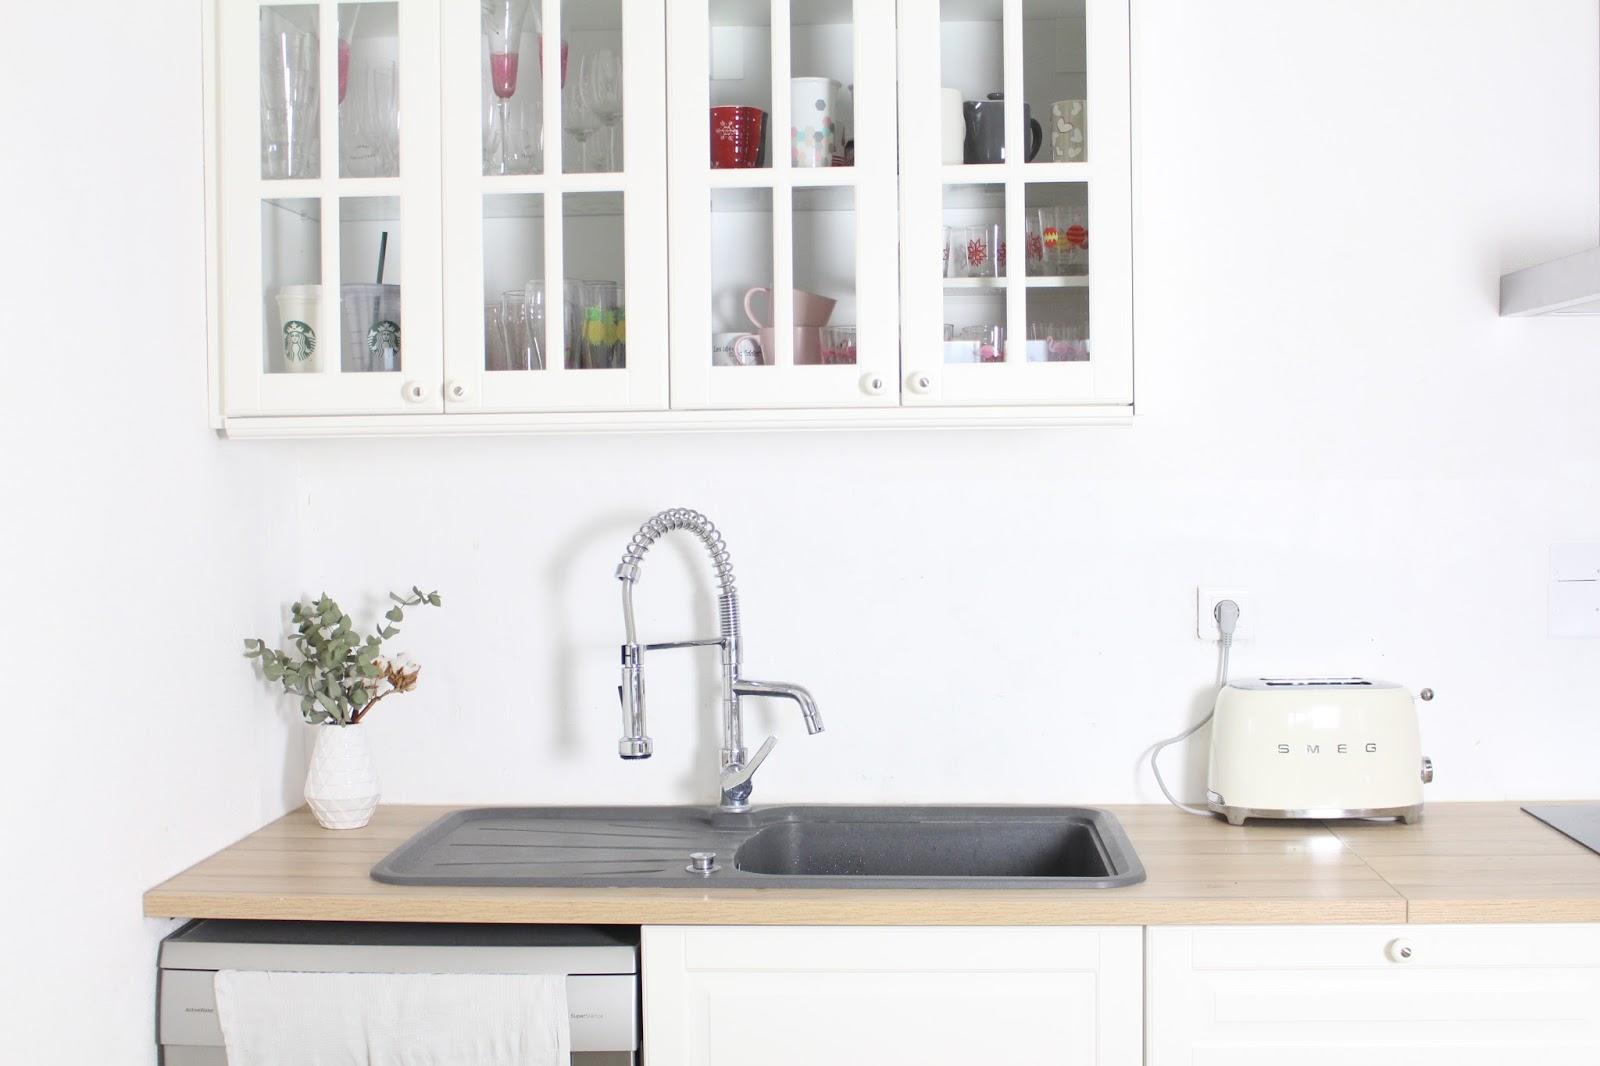 Prix Cuisine Ikea Sans Electromenager notre cuisine ikea, galère ou bonheur ? | les idées soaddict